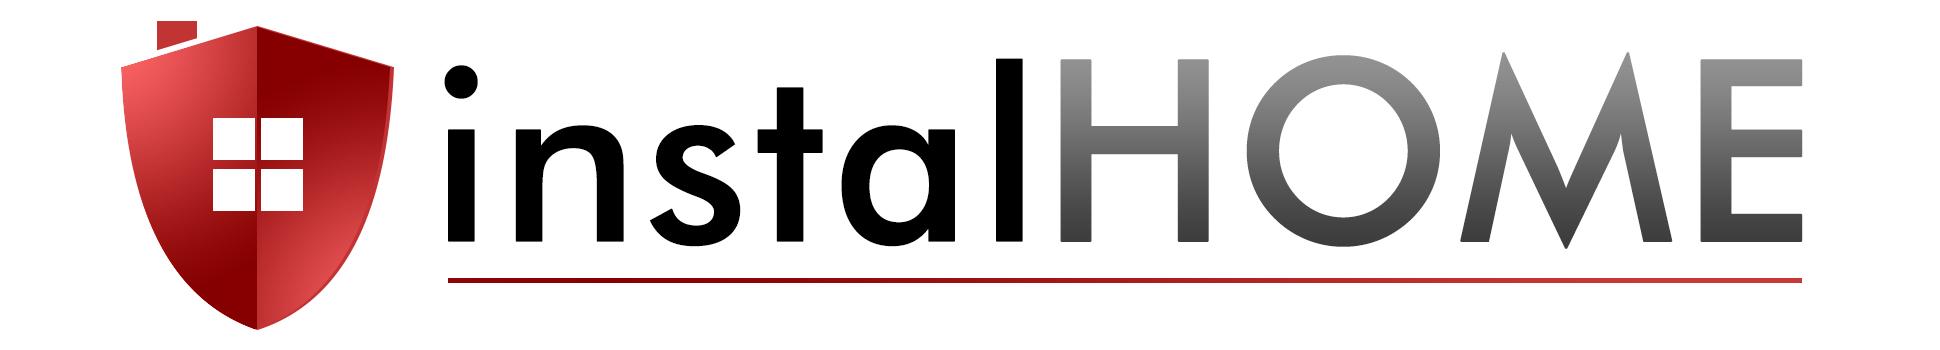 Instalhome – Instalaciones de Alarmas, Sistemas de Seguridad y Telecomunicaciones